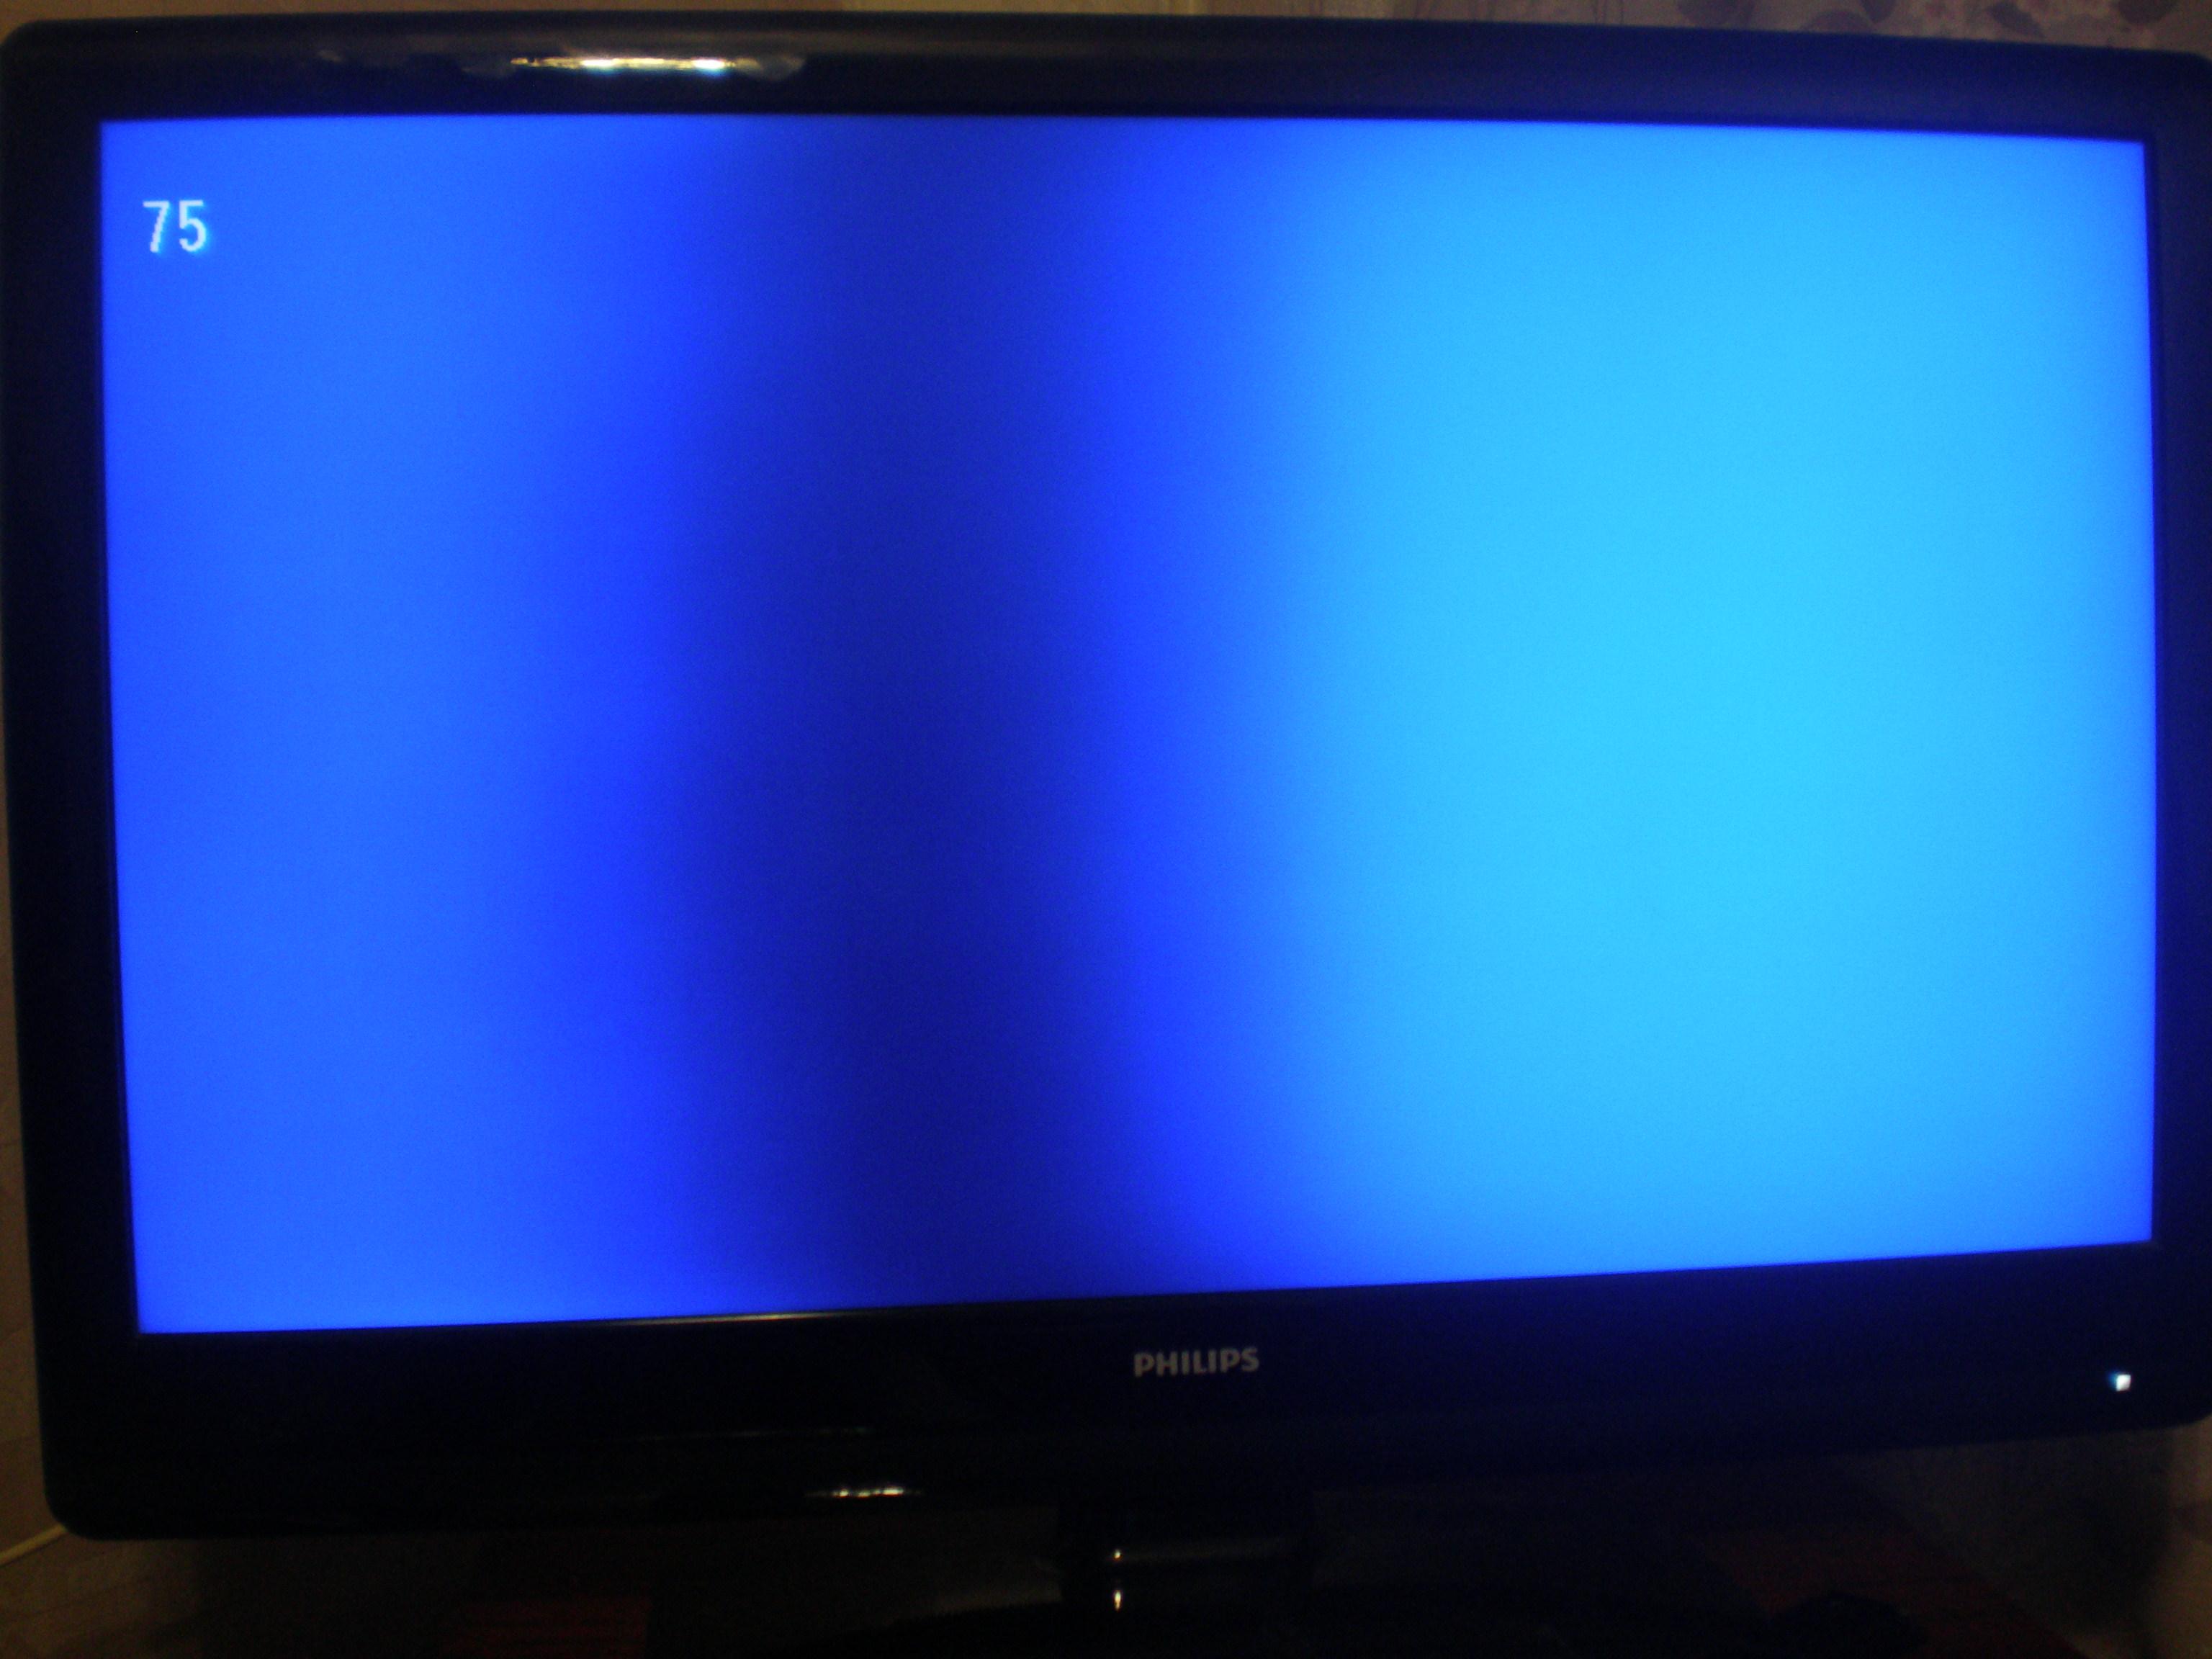 Телевизор philips своими руками